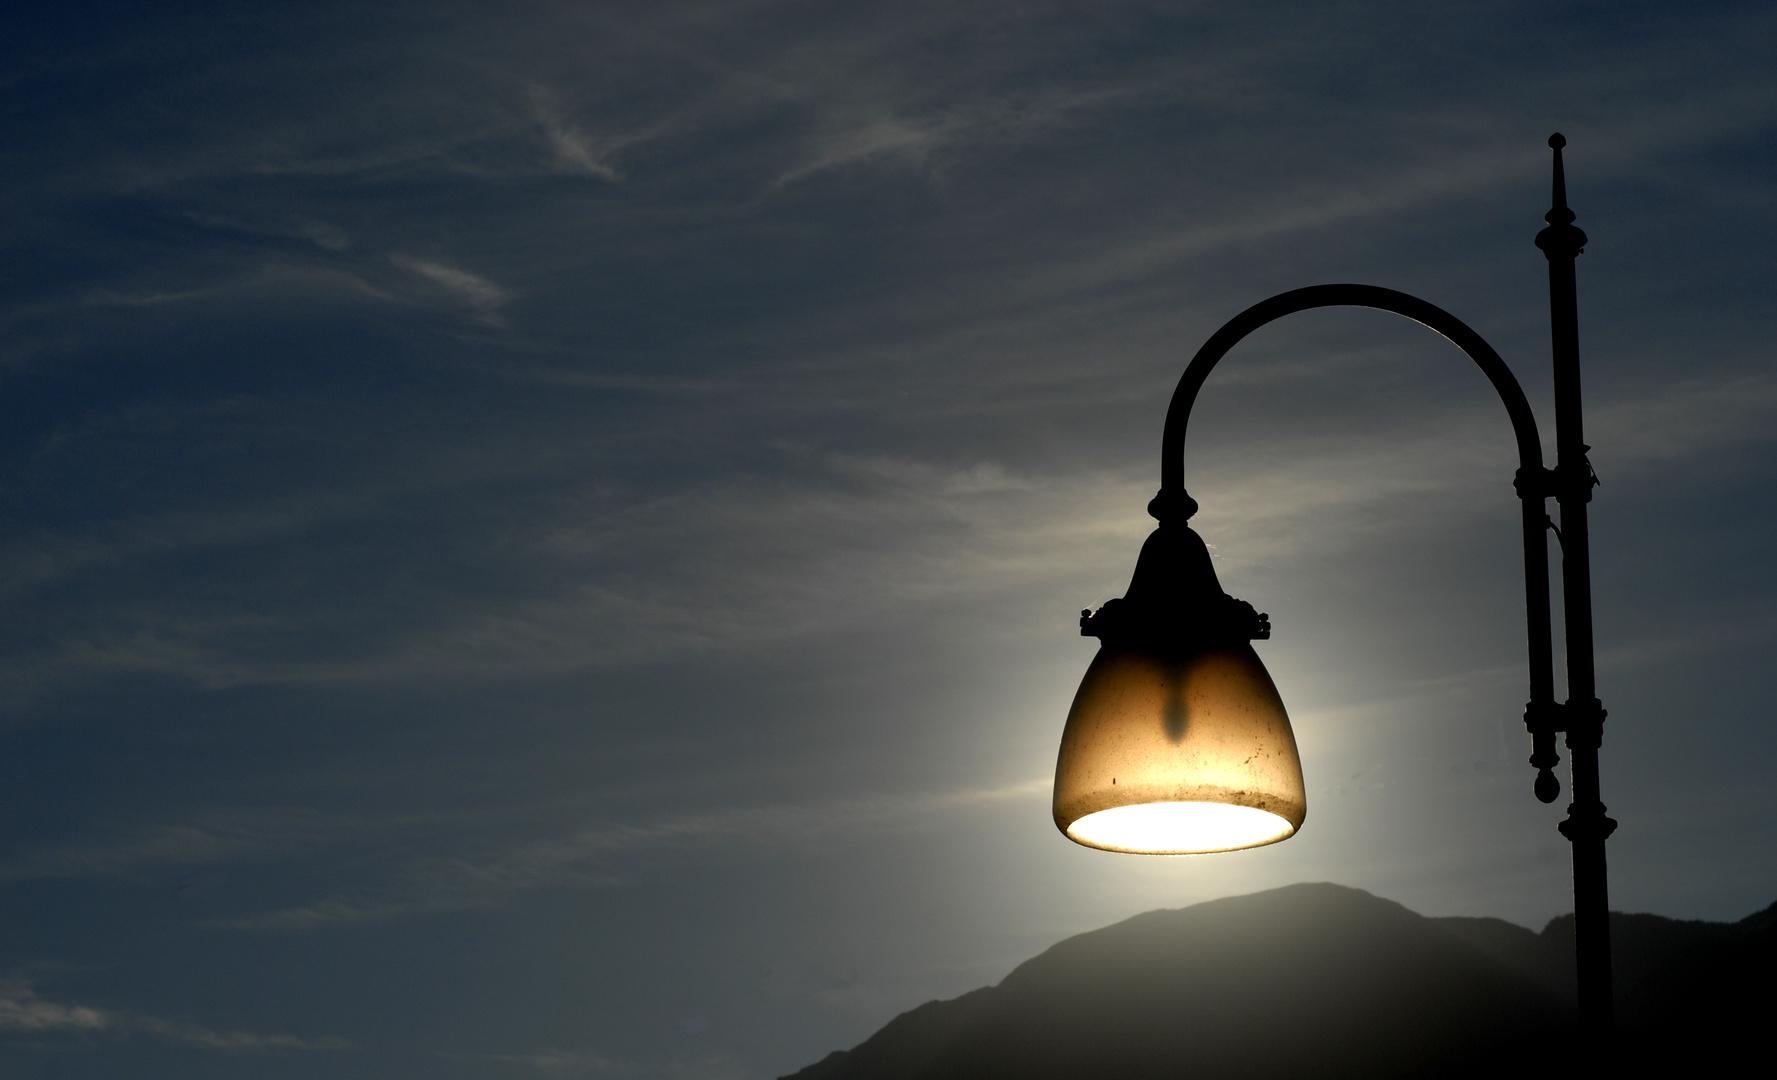 Nicht nur durch Strom leuchtet eine Lampe